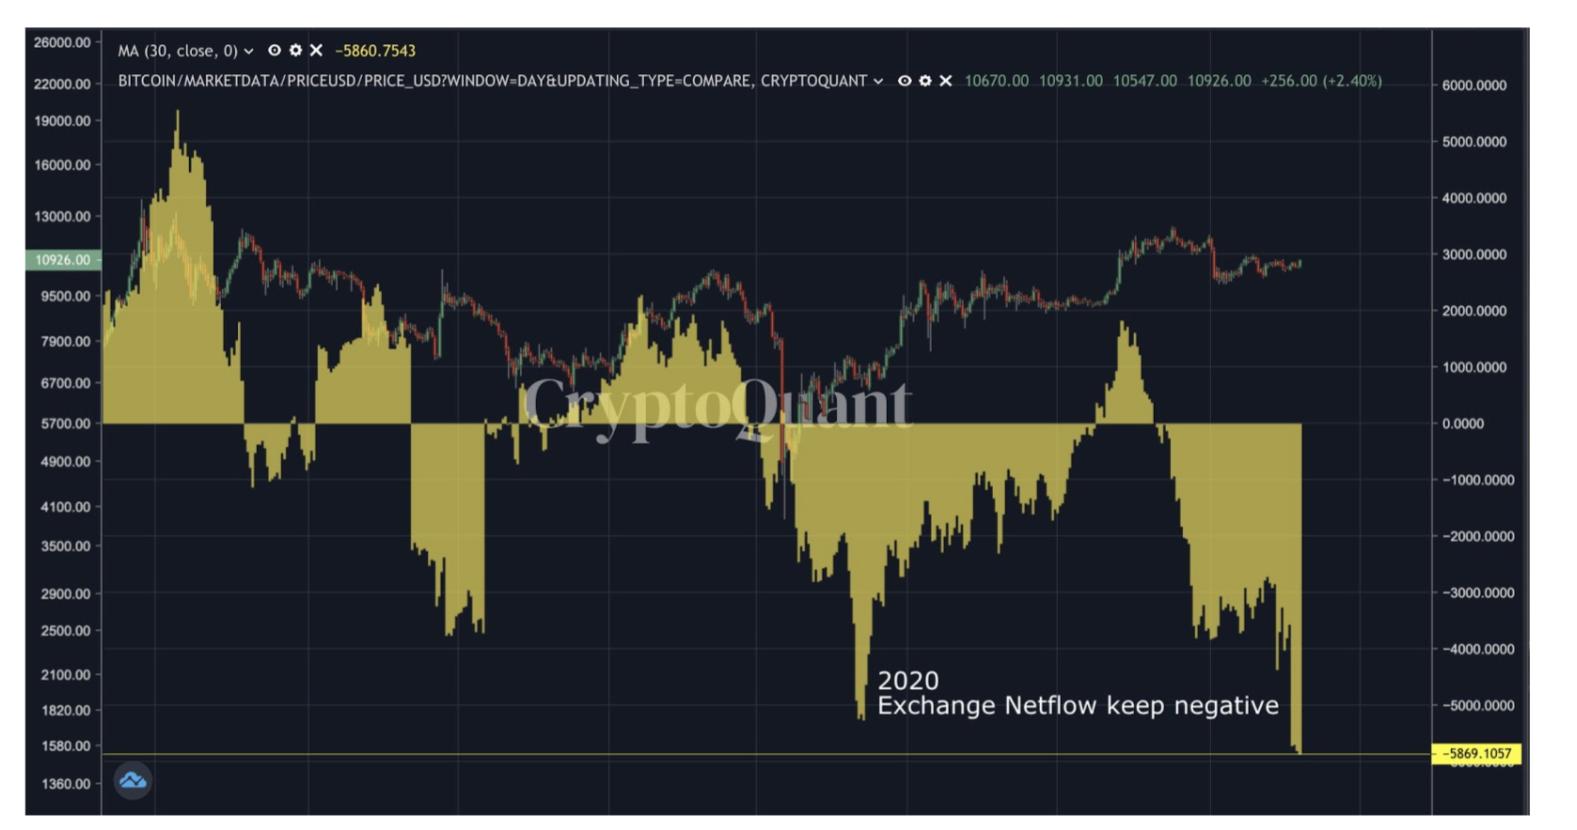 Flusso netto sugli exchange di Bitcoin